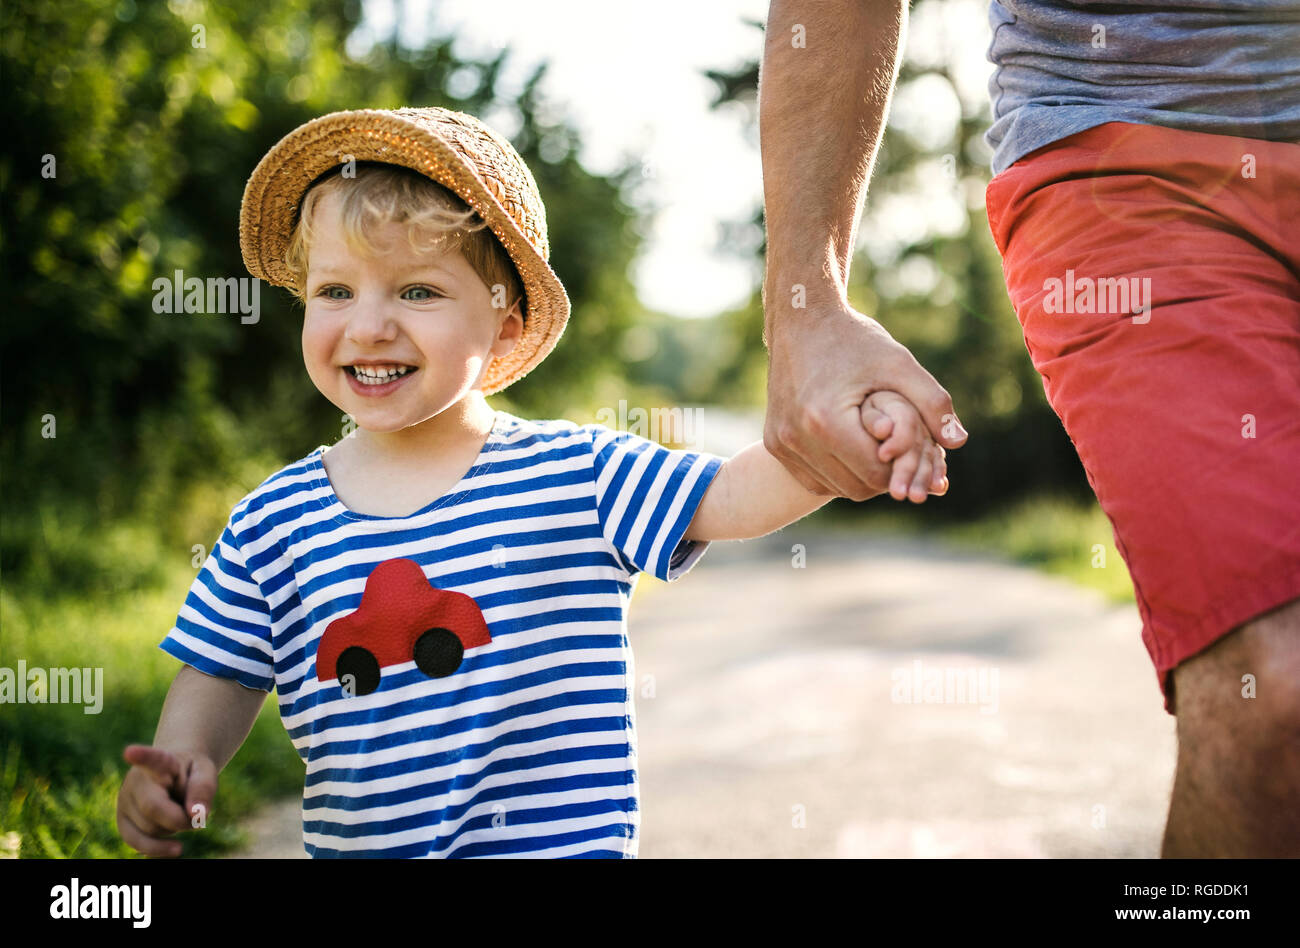 Portrait of laughing toddler marche sur main du père Banque D'Images